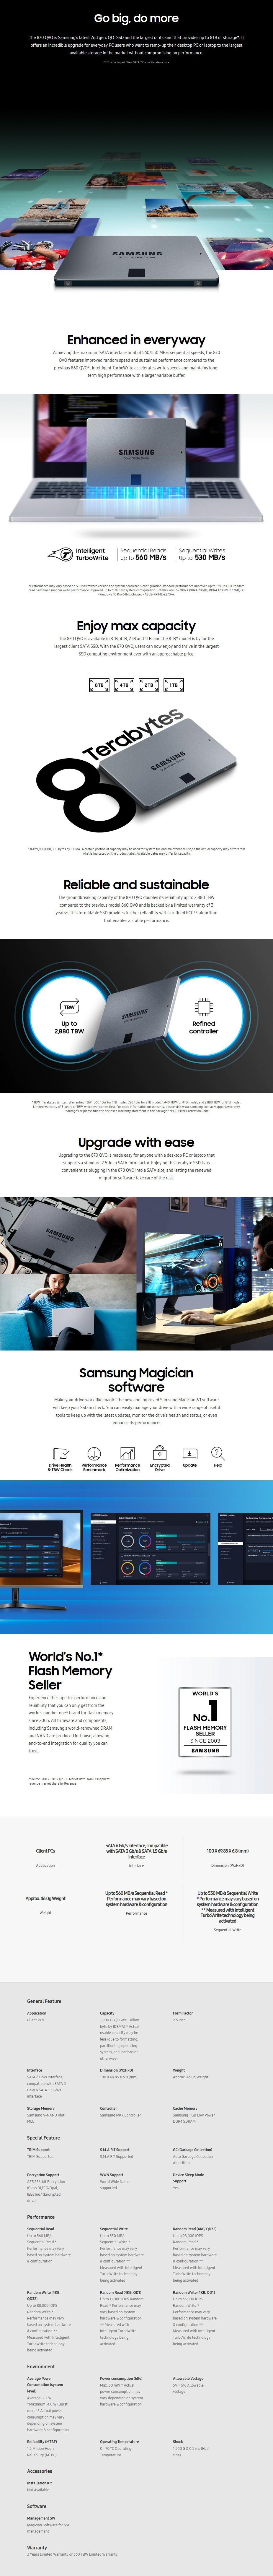 samsung-870-qvo-1tb-25-sata-iii-6gbs-4bit-mlc-vnand-ssd-mz77q1t0bw-ac36381-4.jpg